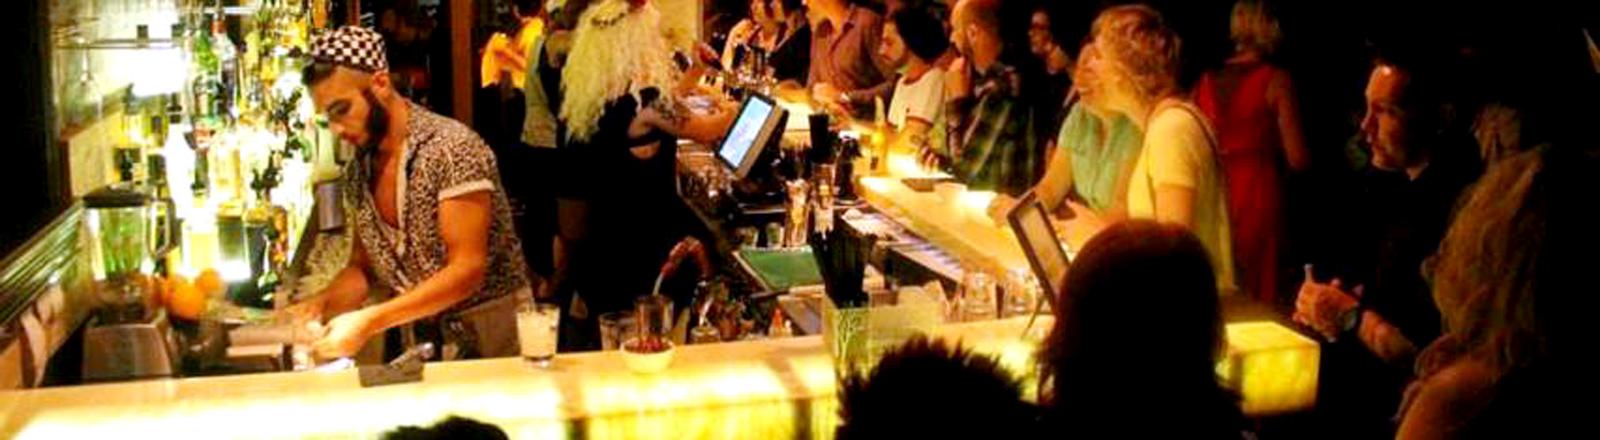 Damun Lebt ist seit fast zwei Jahren mit Work & Travel in Australien unterwegs. Unter anderem arbeitet er als Barkeeper.